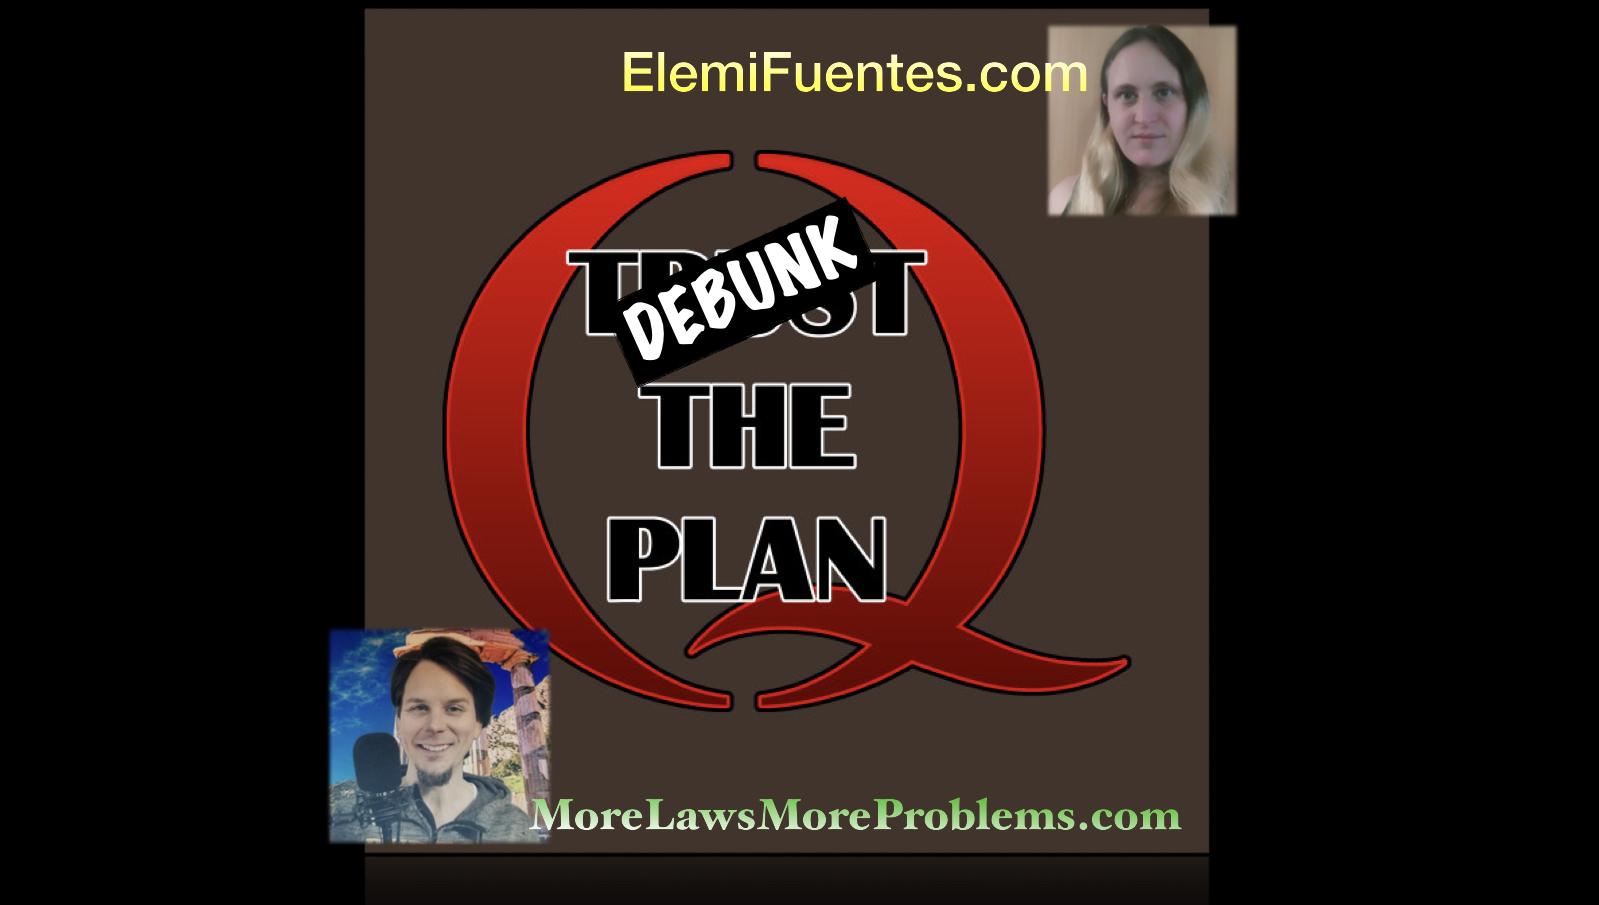 Debunk the plan